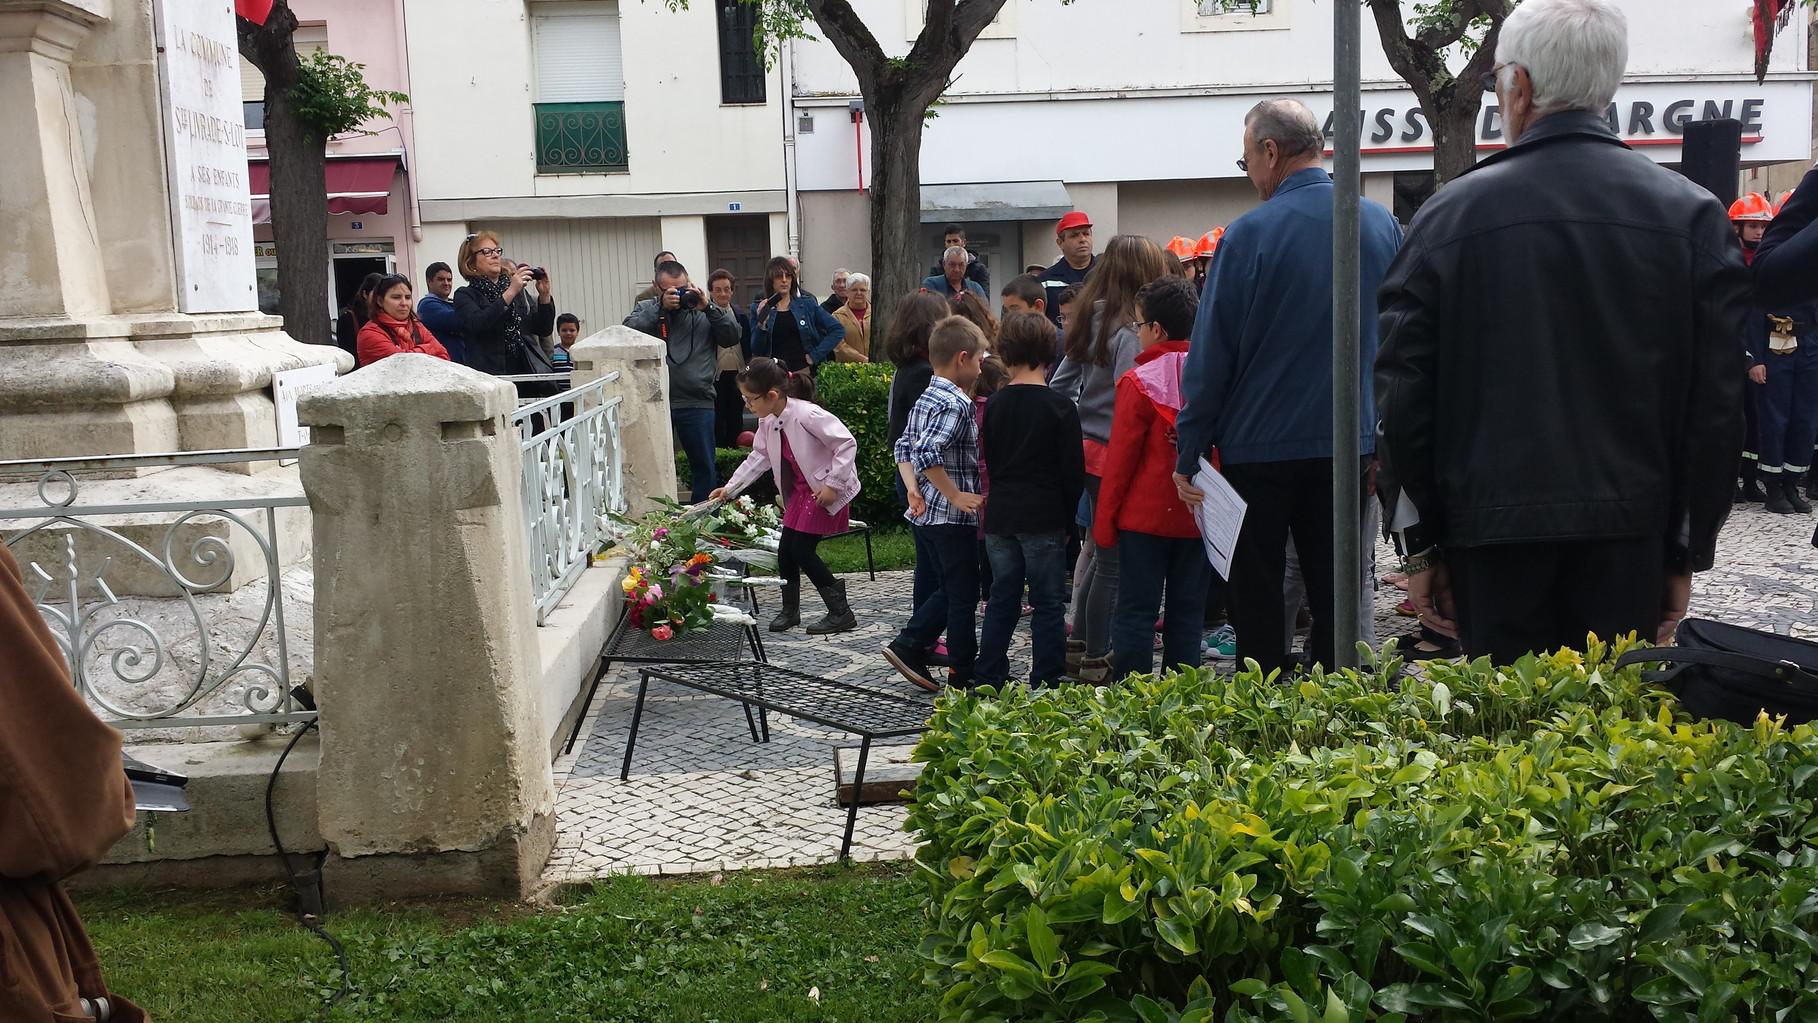 ENFANTS DÉPOSANT COMME UNE DIZAINE D'AUTRES, UNE MULTITUDE DE FLEURS, LE 8 MAI 2014 À STE-LIVRADE